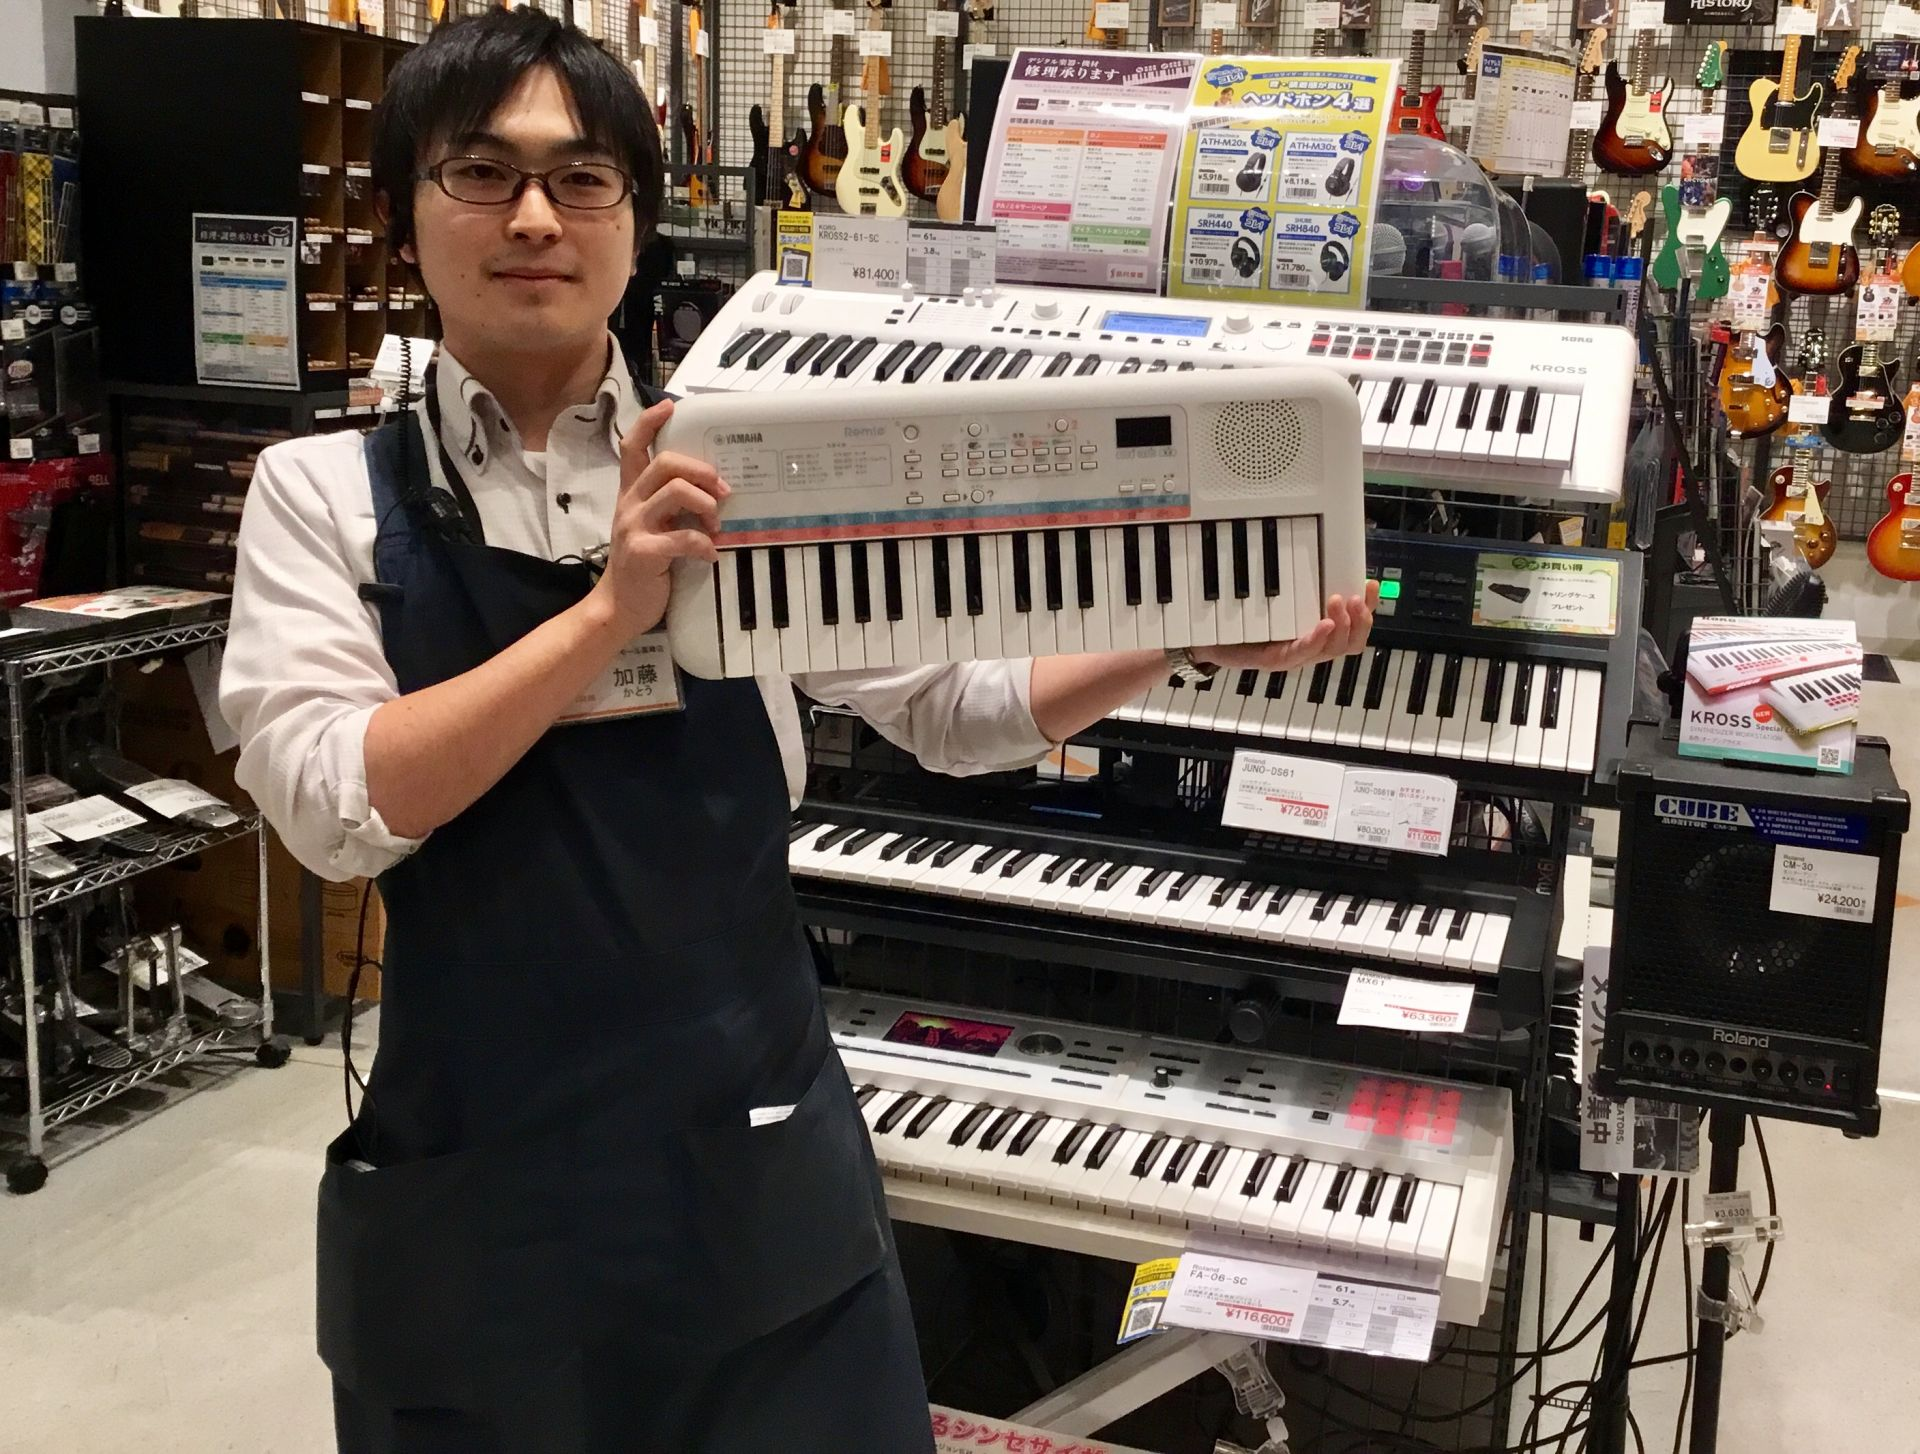 島村楽器イオンモール高崎店 キーボード シンセサイザー ピアノ 鍵盤楽器